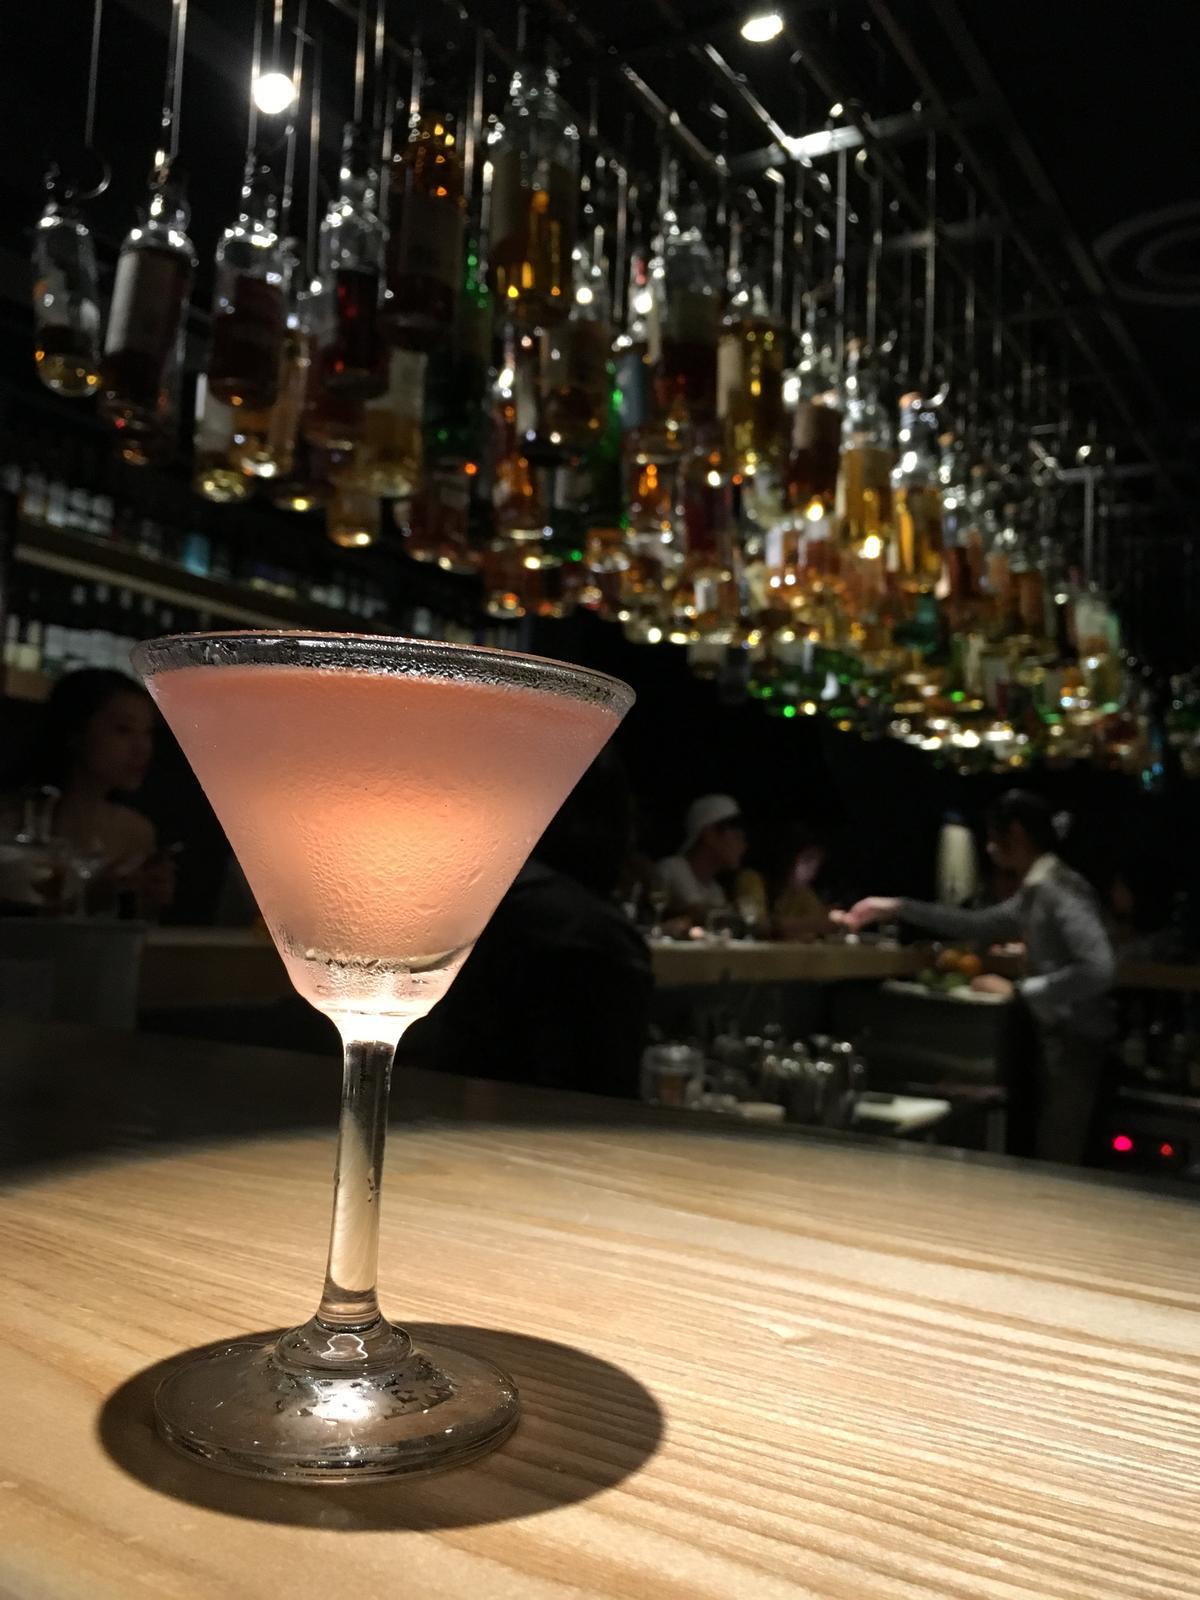 加進葡萄柚調成的「雞尾酒」,口感香甜清爽,酒感輕盈。(300元/杯)